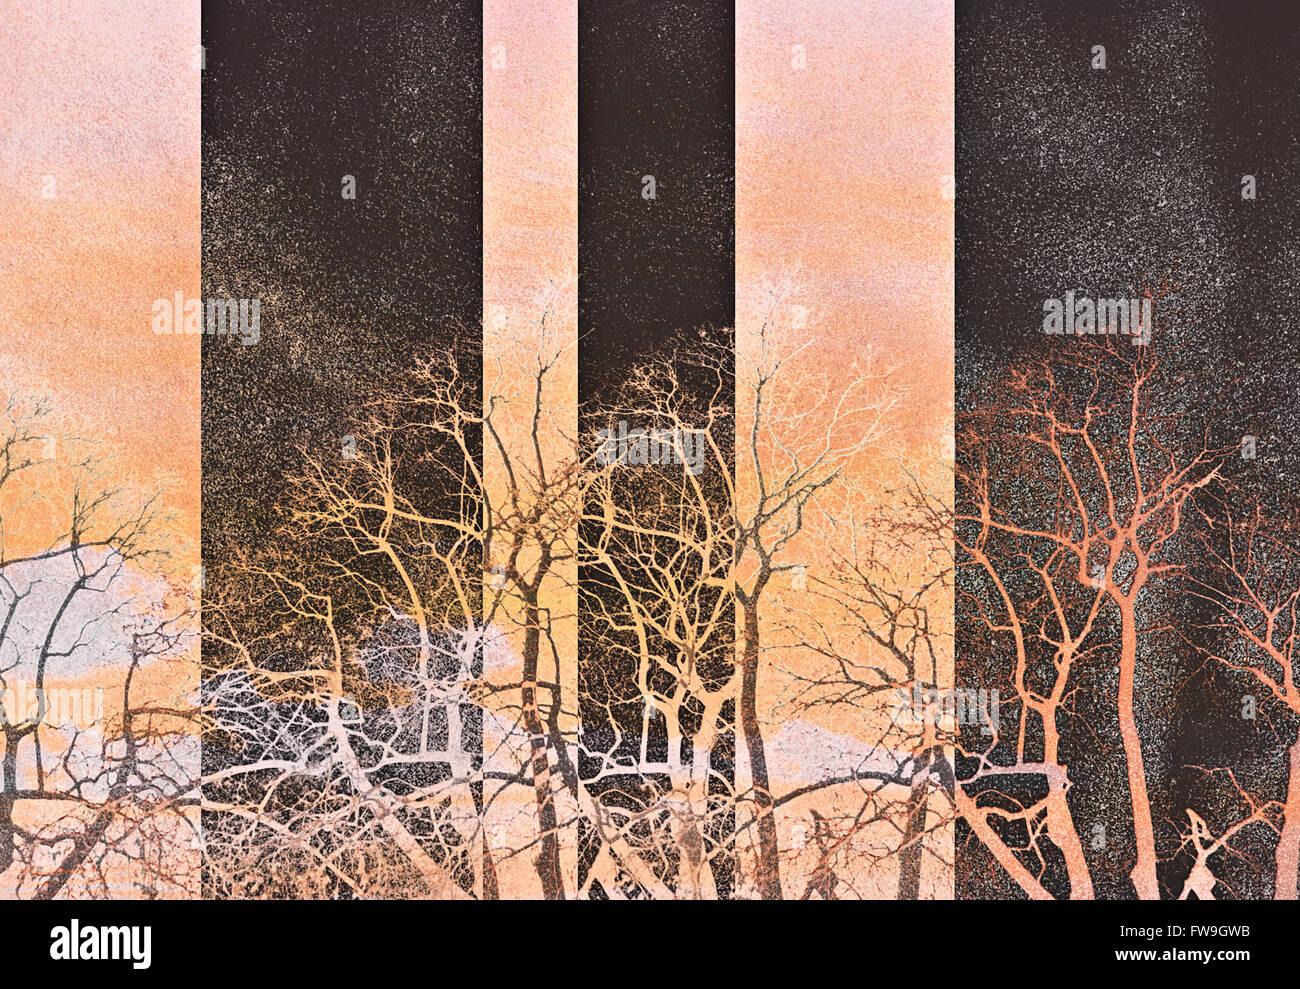 Moderne kreative grafische Textur Design digitale zeitgenössische Kunst Stockbild